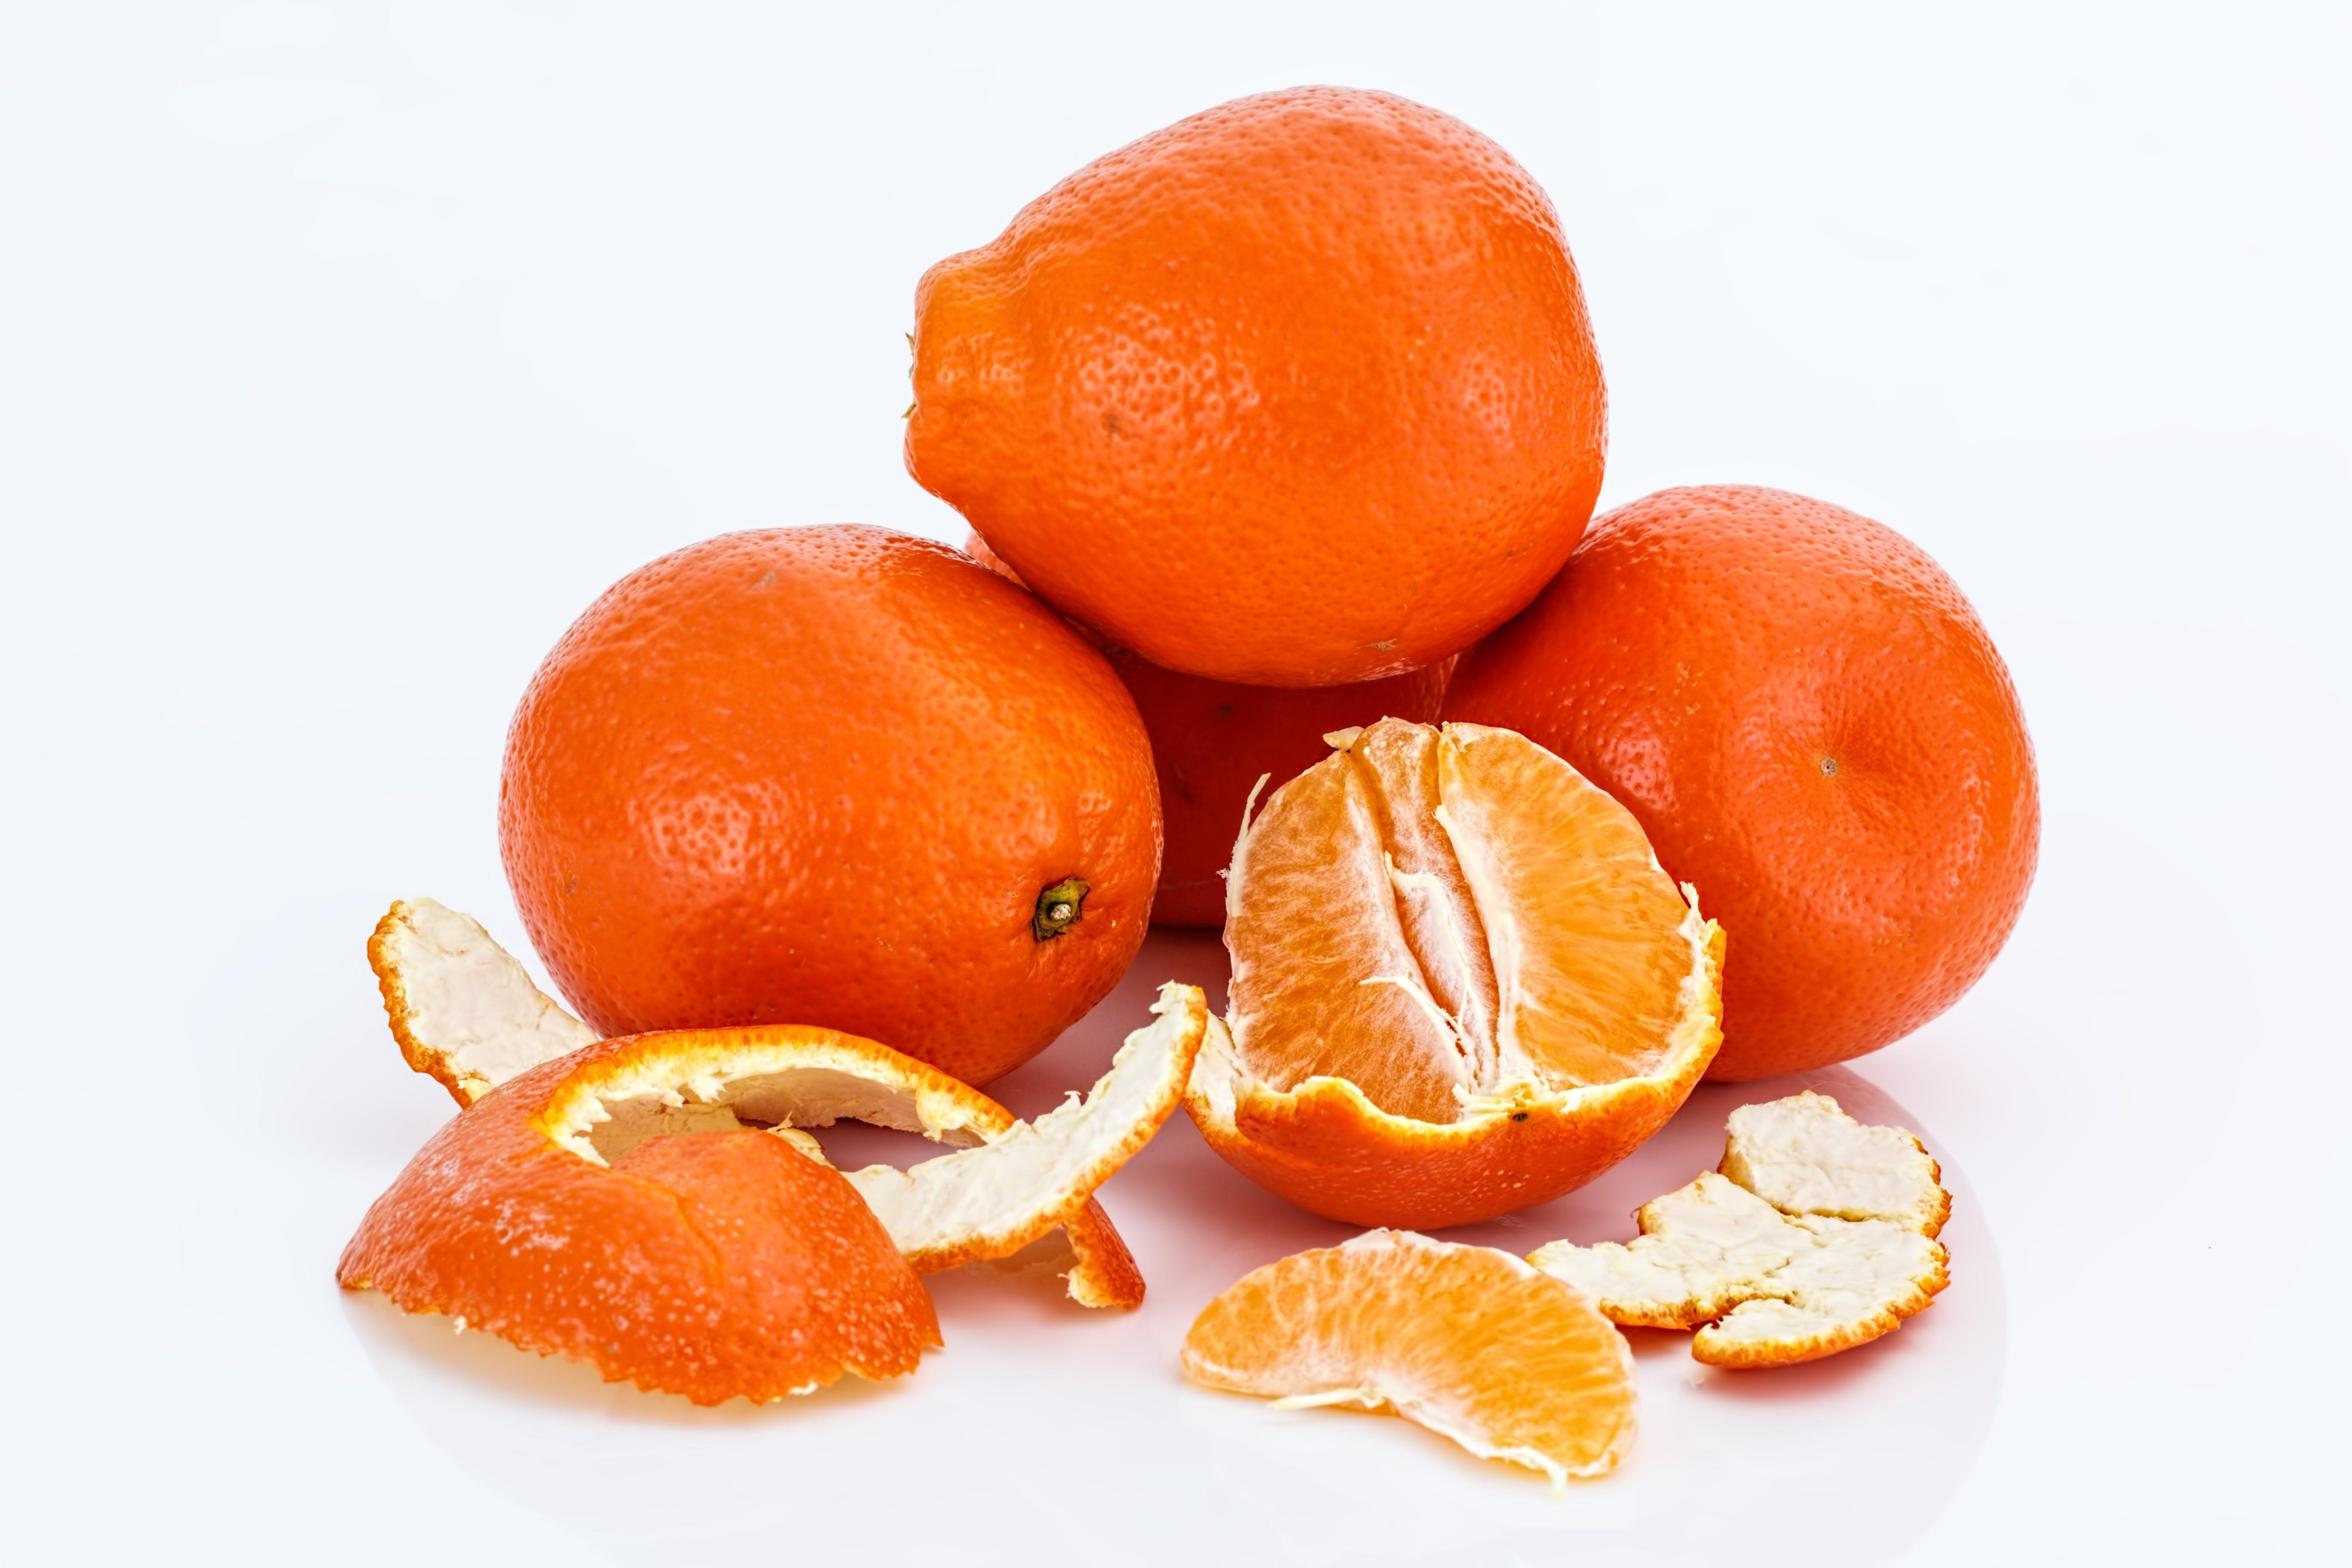 Peeled Orange Fruits